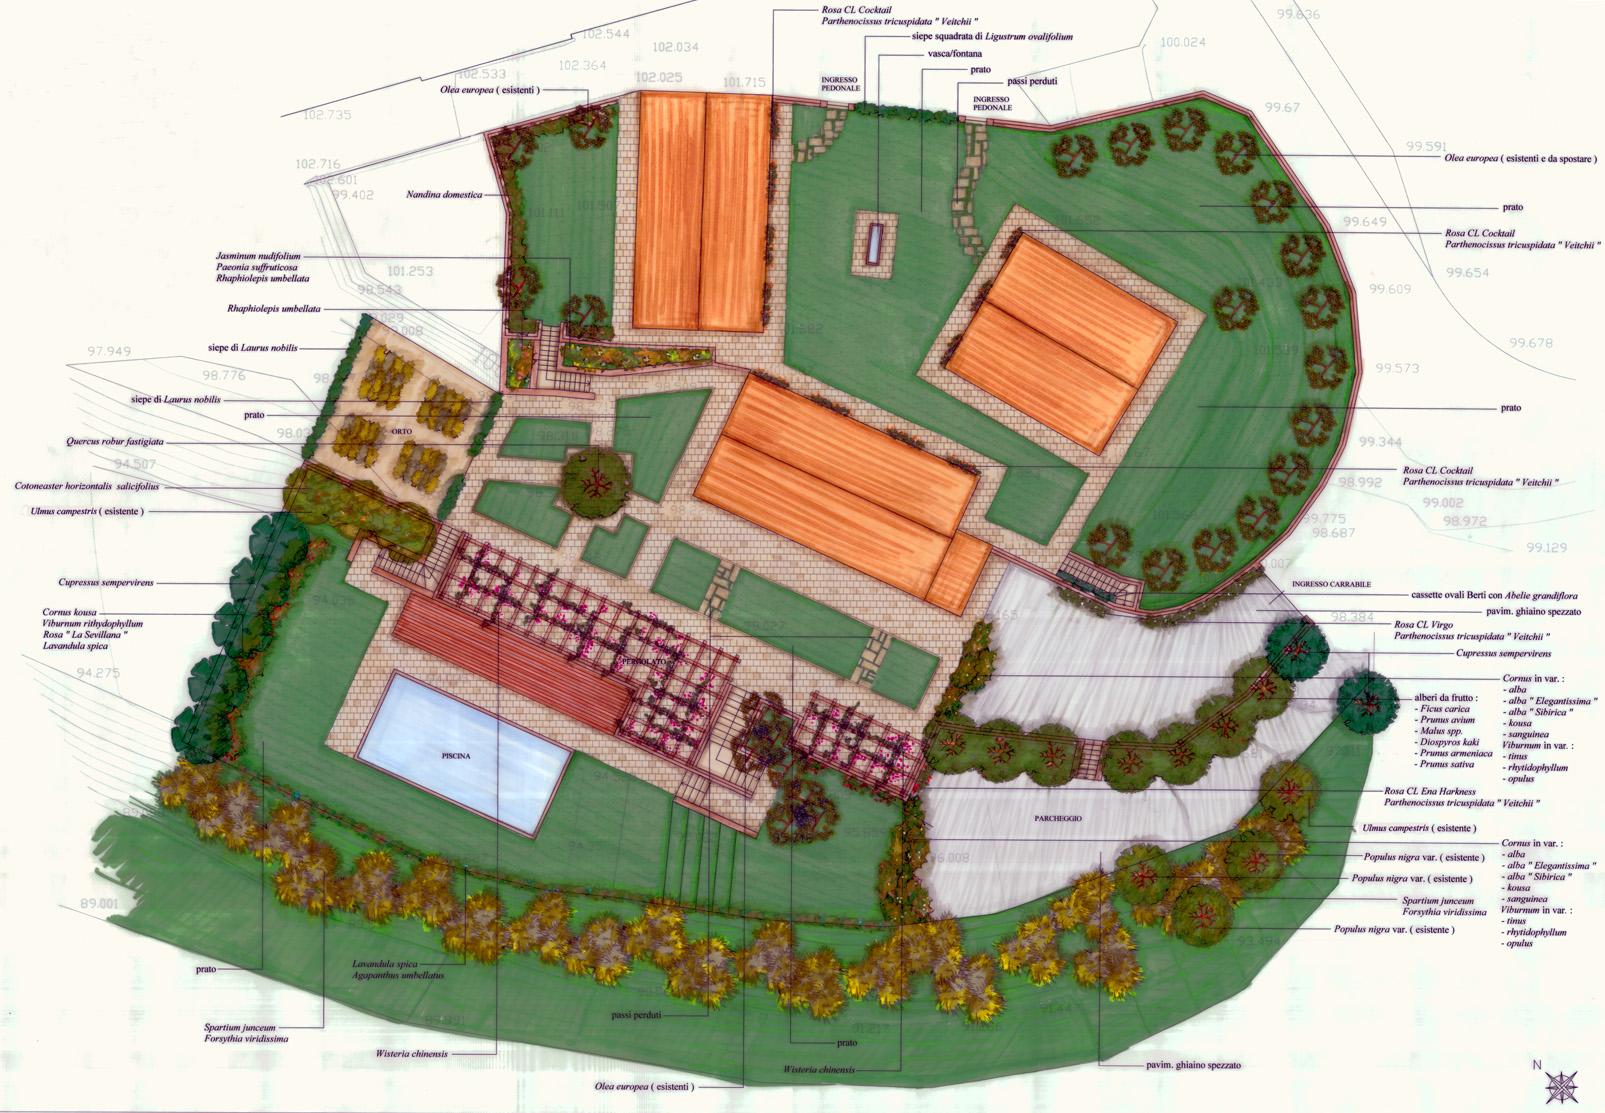 Giardino privato stefania lorenzini architetto e garden designer - Progetto giardino privato ...